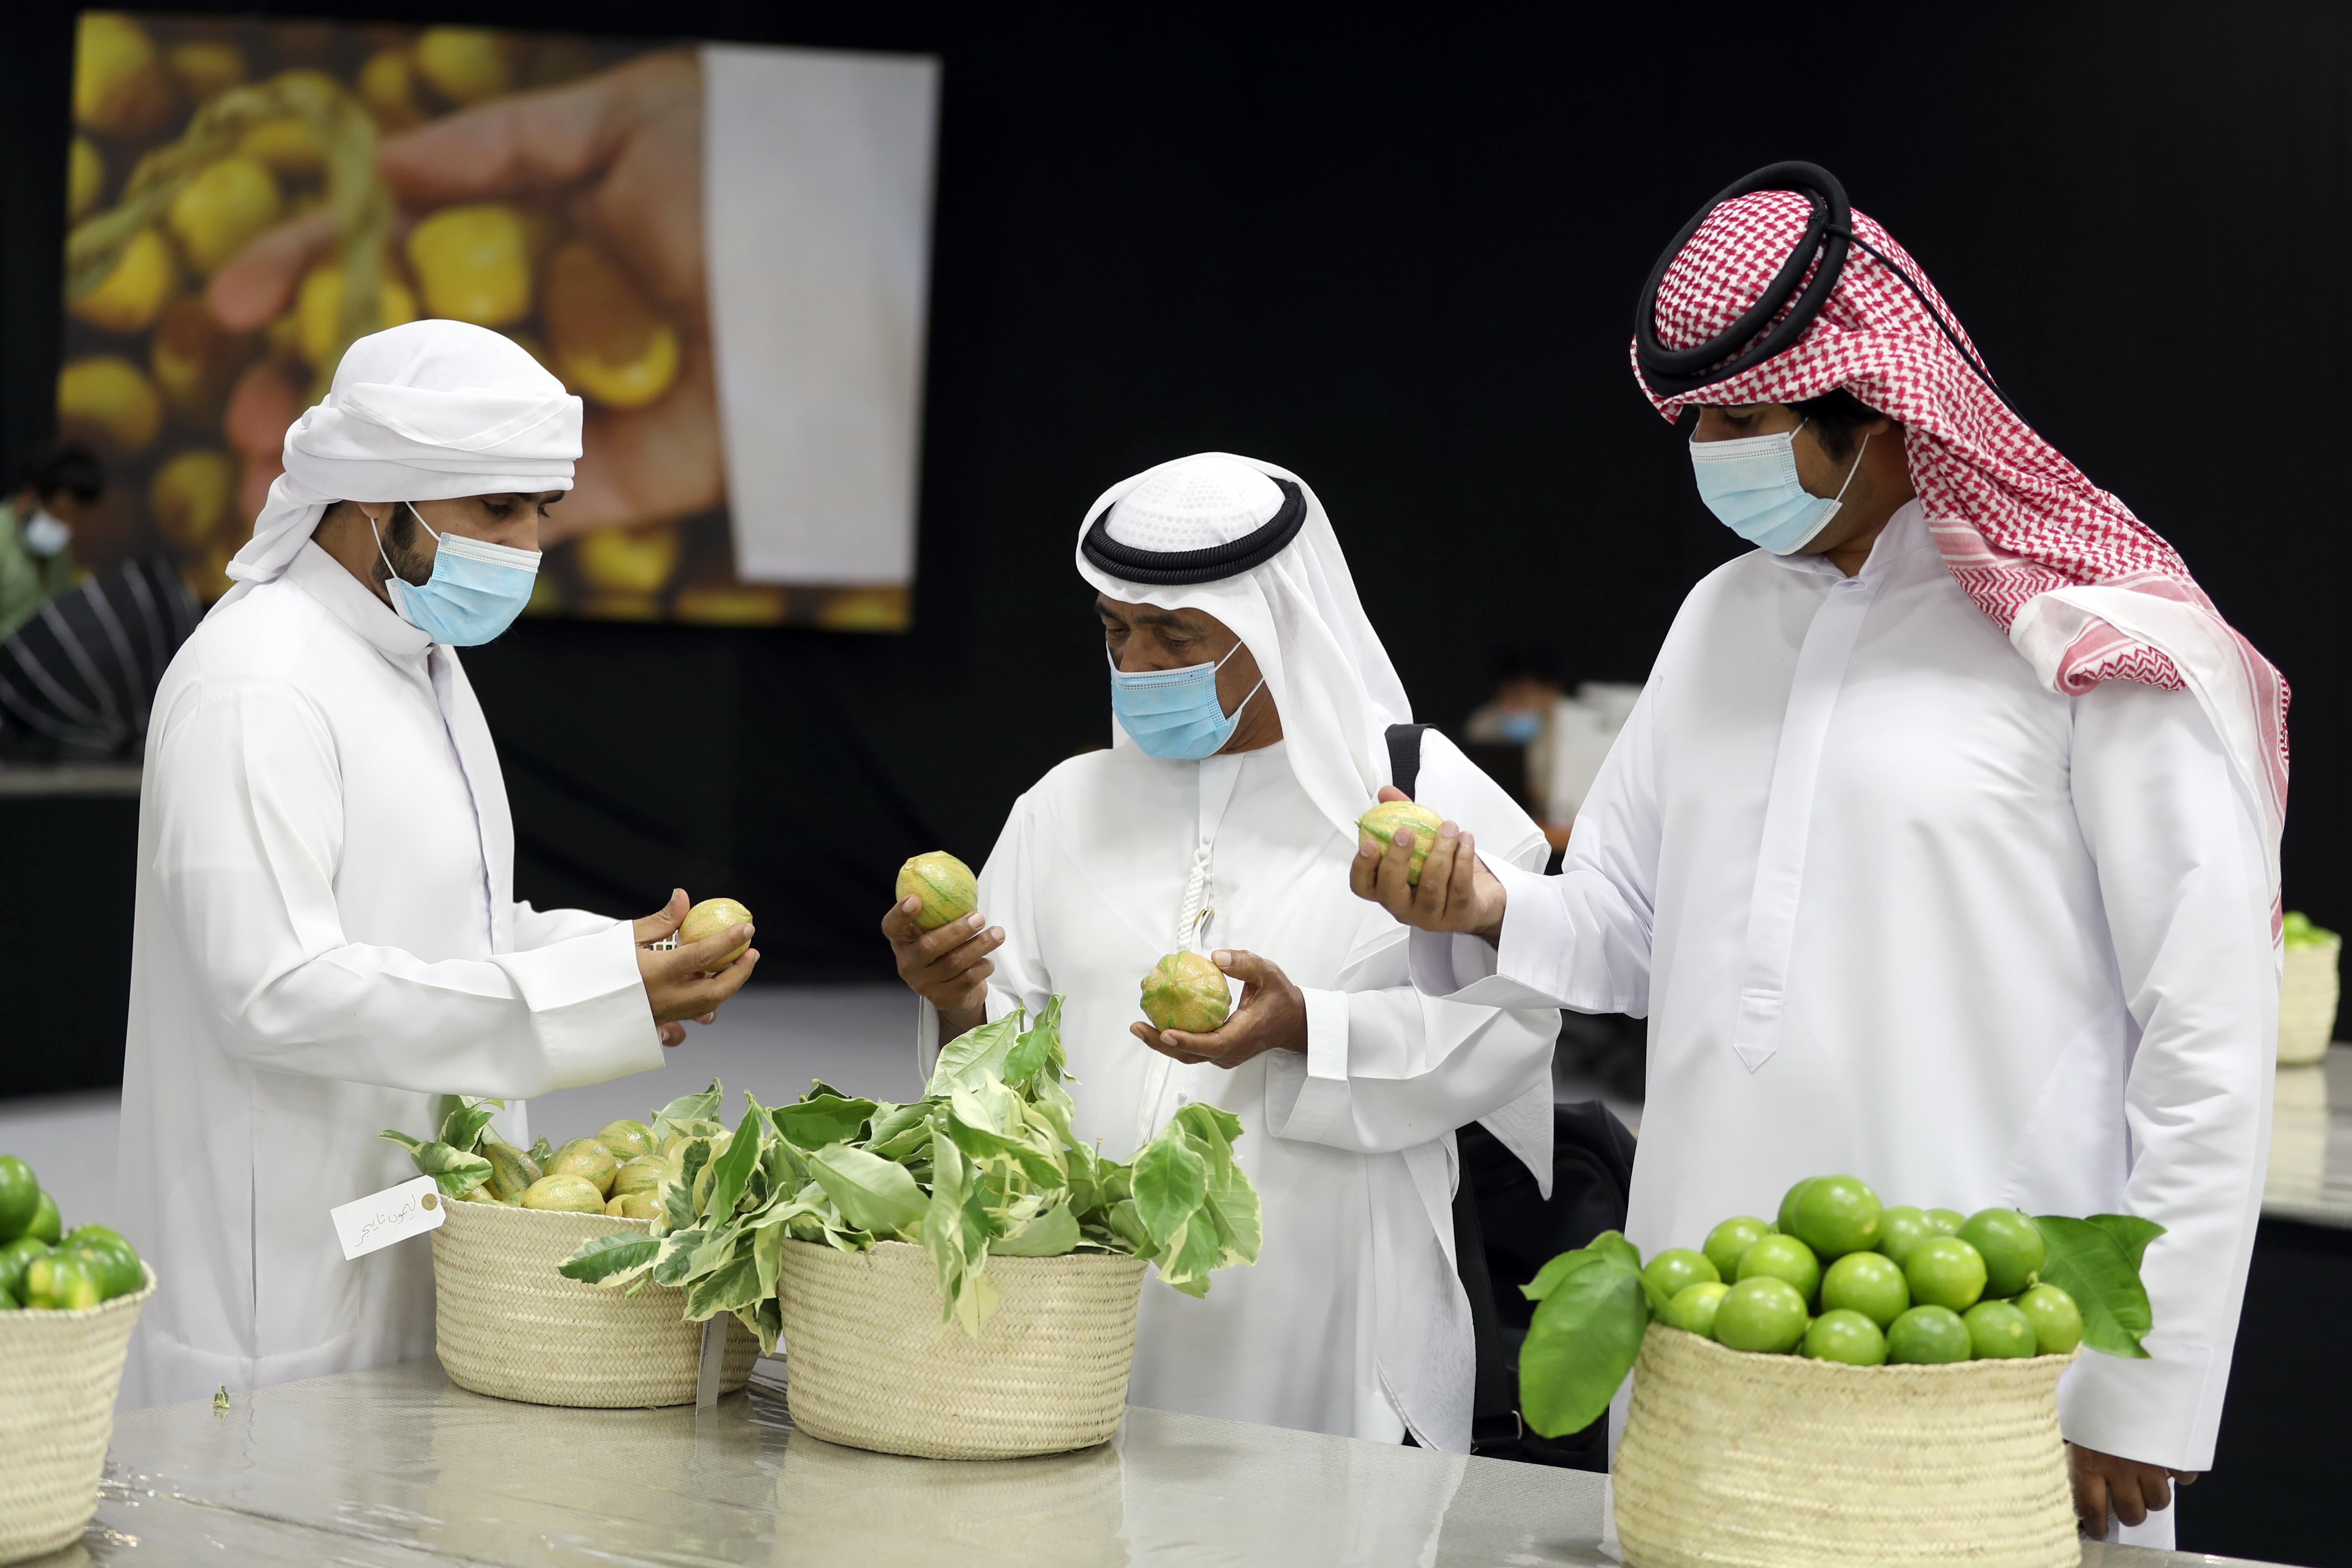 أبوظبي للزراعة والسلامة الغذائية تنظم محاضرات توعوية افتراضية في مهرجان ليوا للرطب